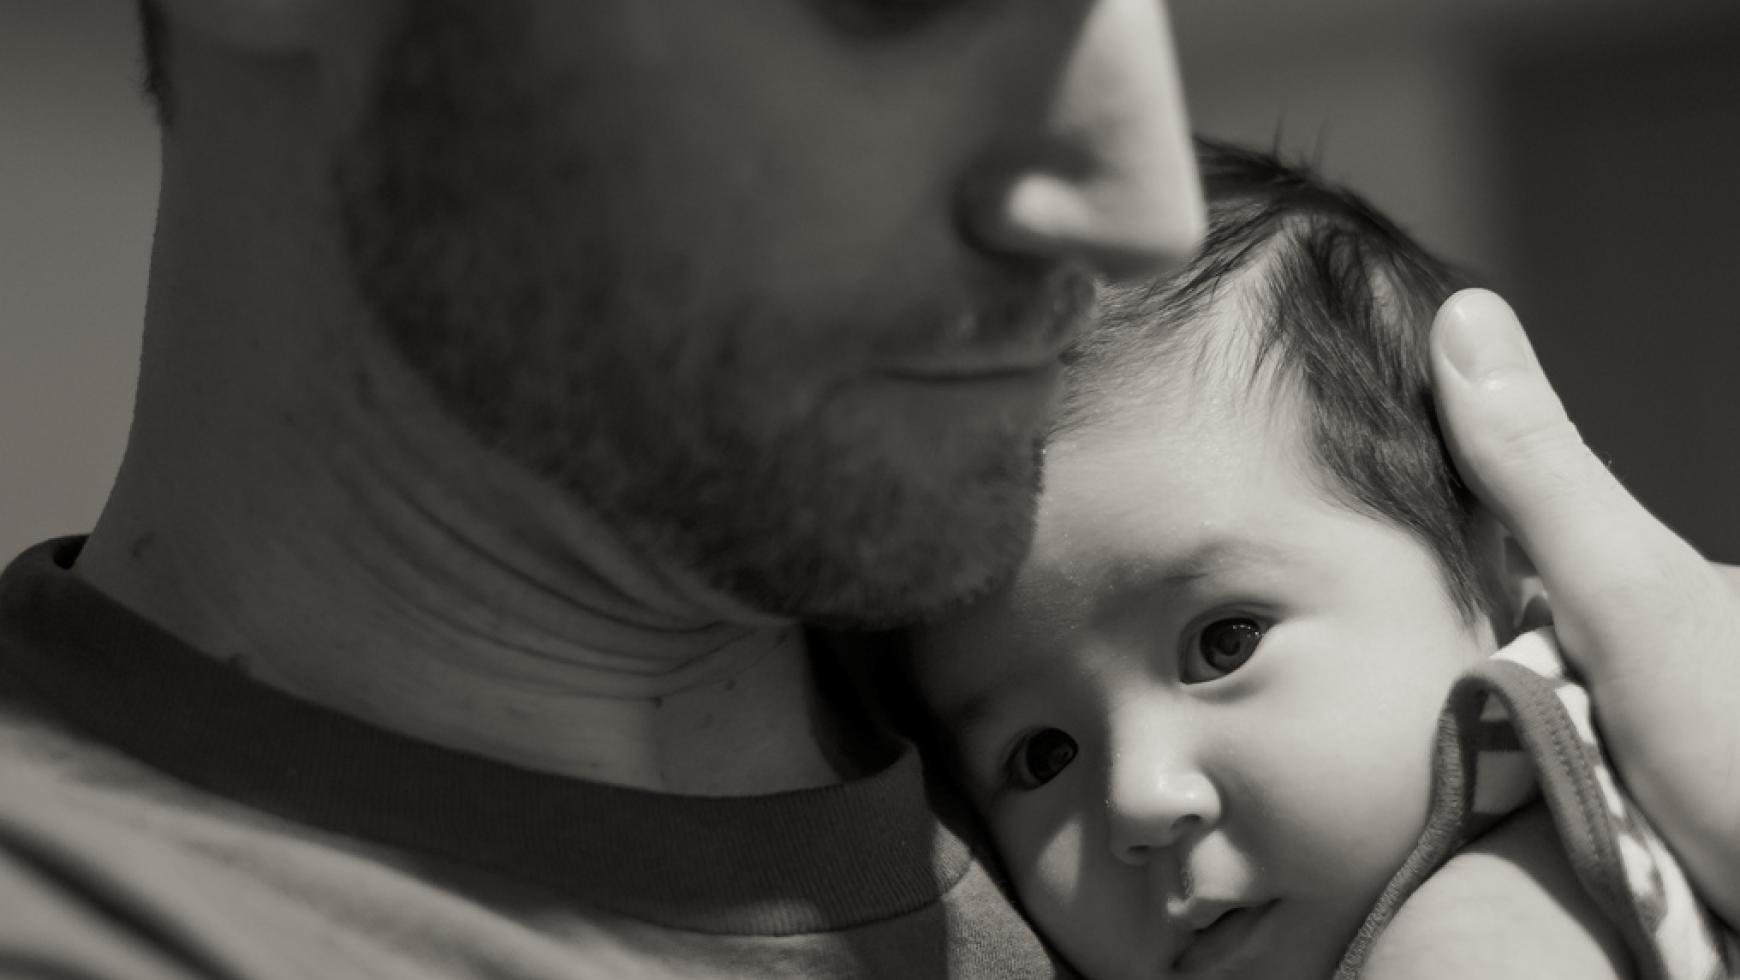 Predicacion: Espiritu de adopcion (27/04/2014)